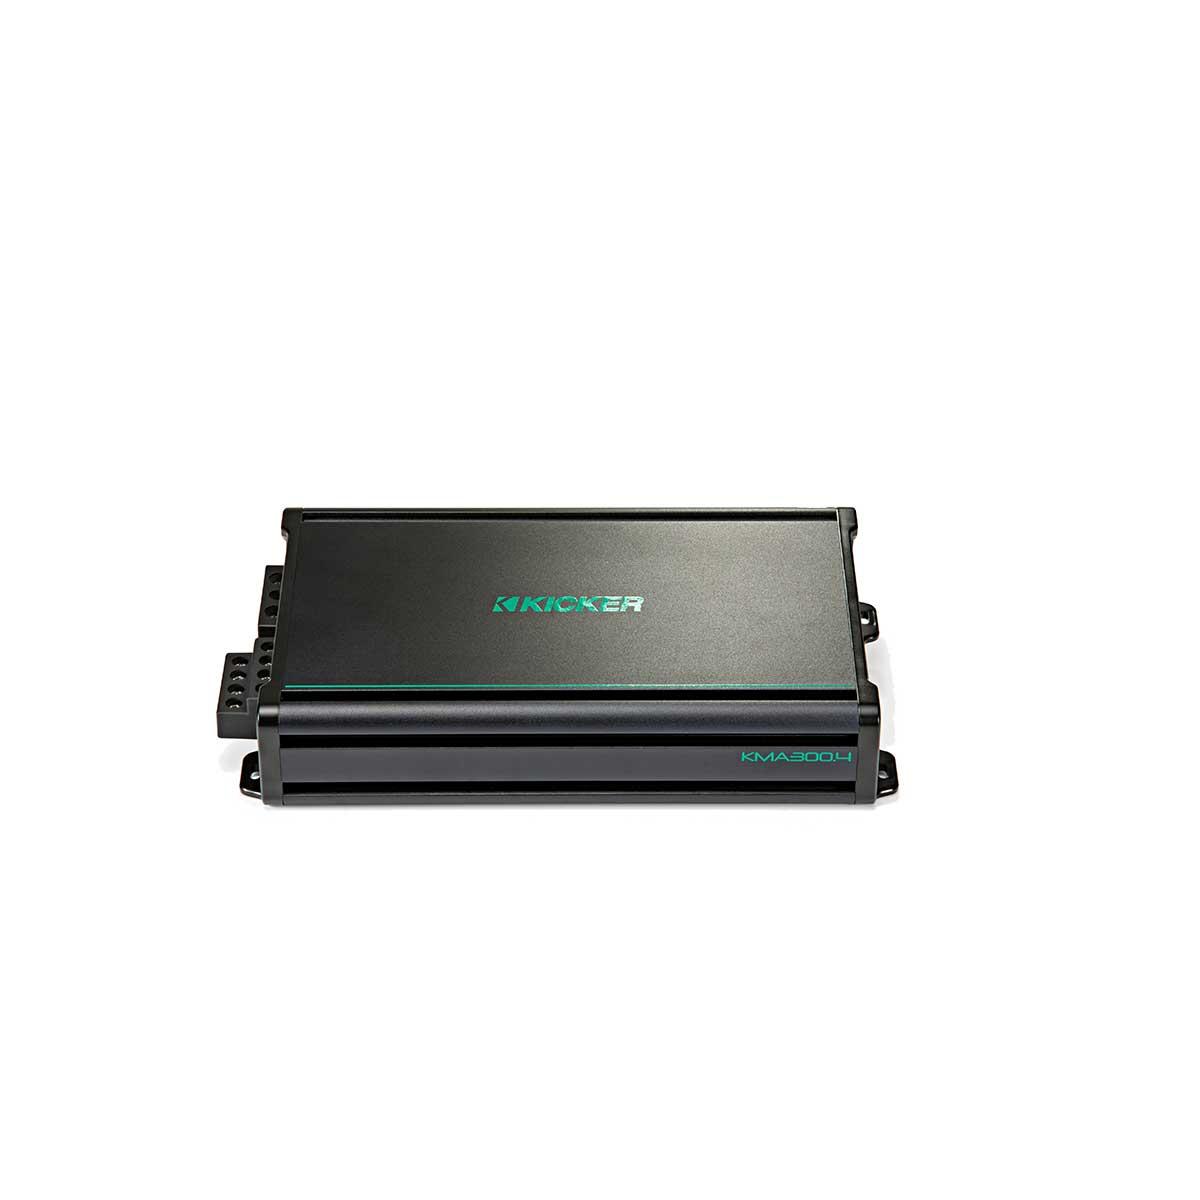 Kicker KMA300.4 300 Watt 4 Channel Marine Amplifier